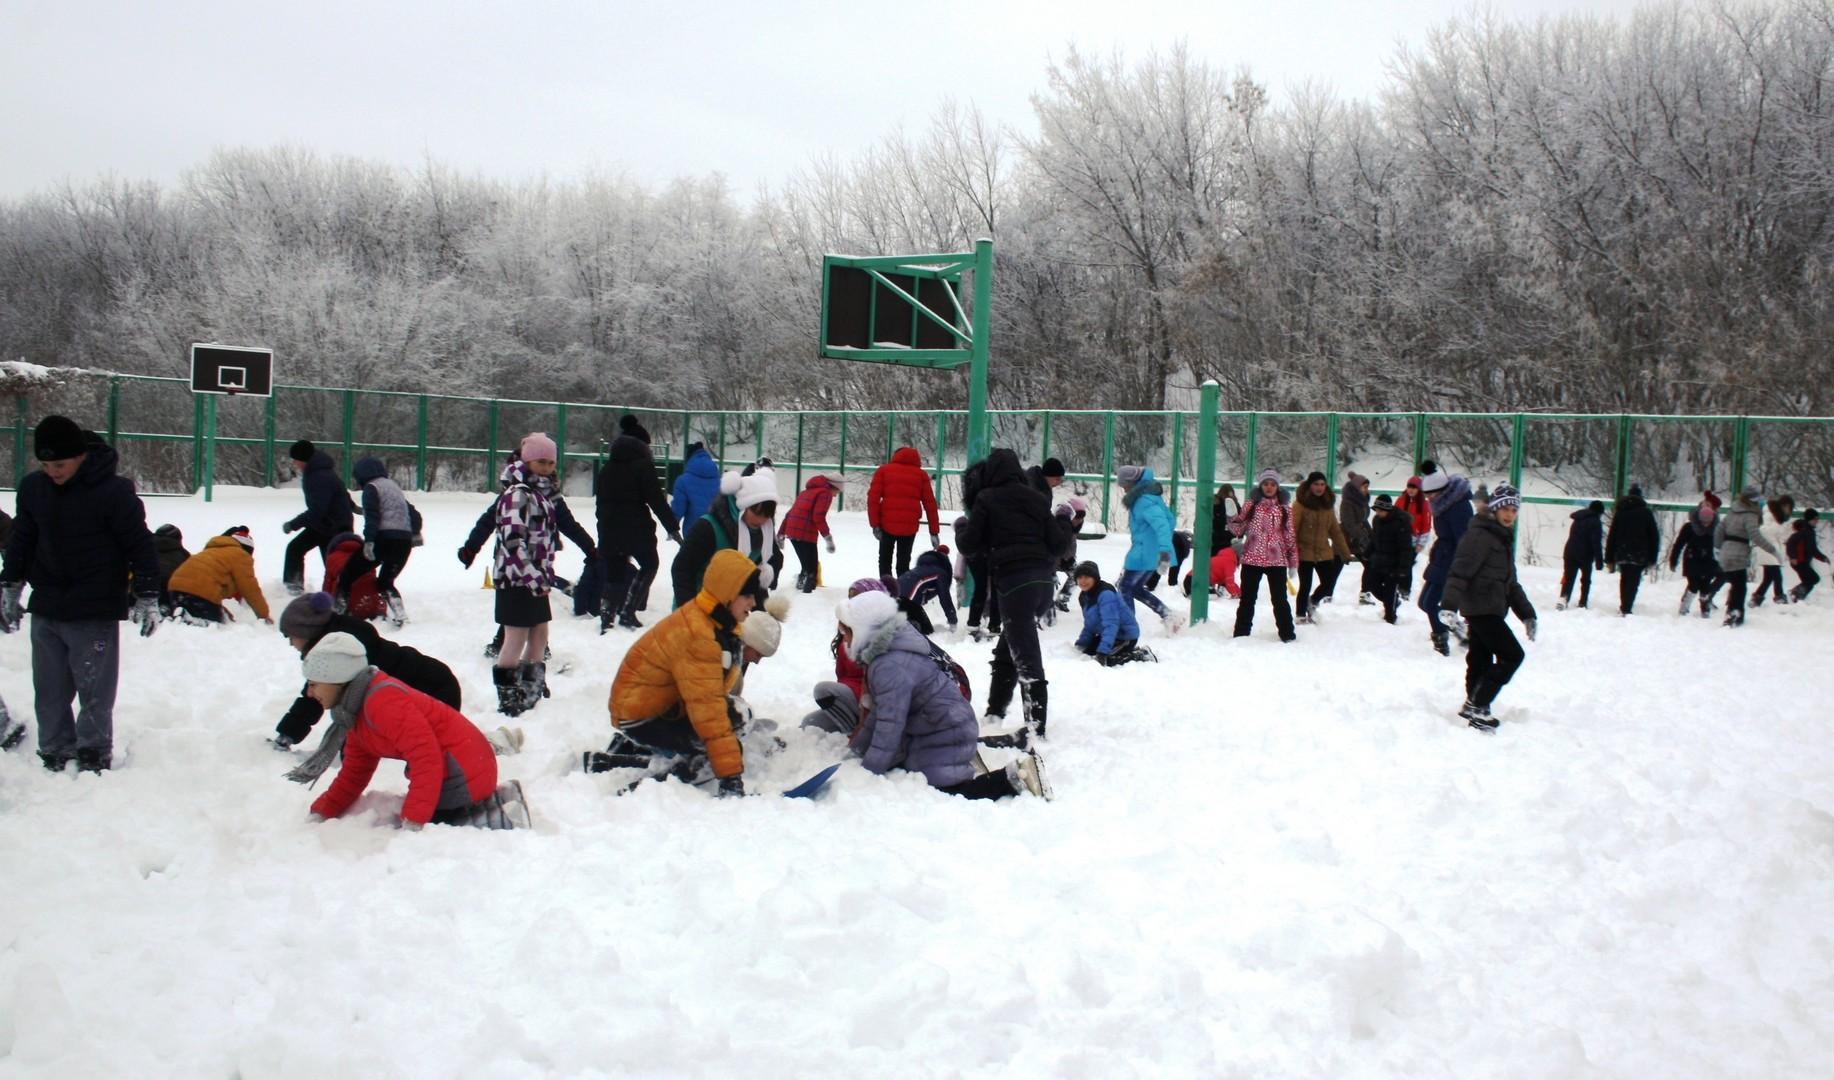 Итоги школьного этапа региональных соревнований зимней серии военно-спортивной игры «Зарница» среди обучающихся 5 – 9 классов. 7